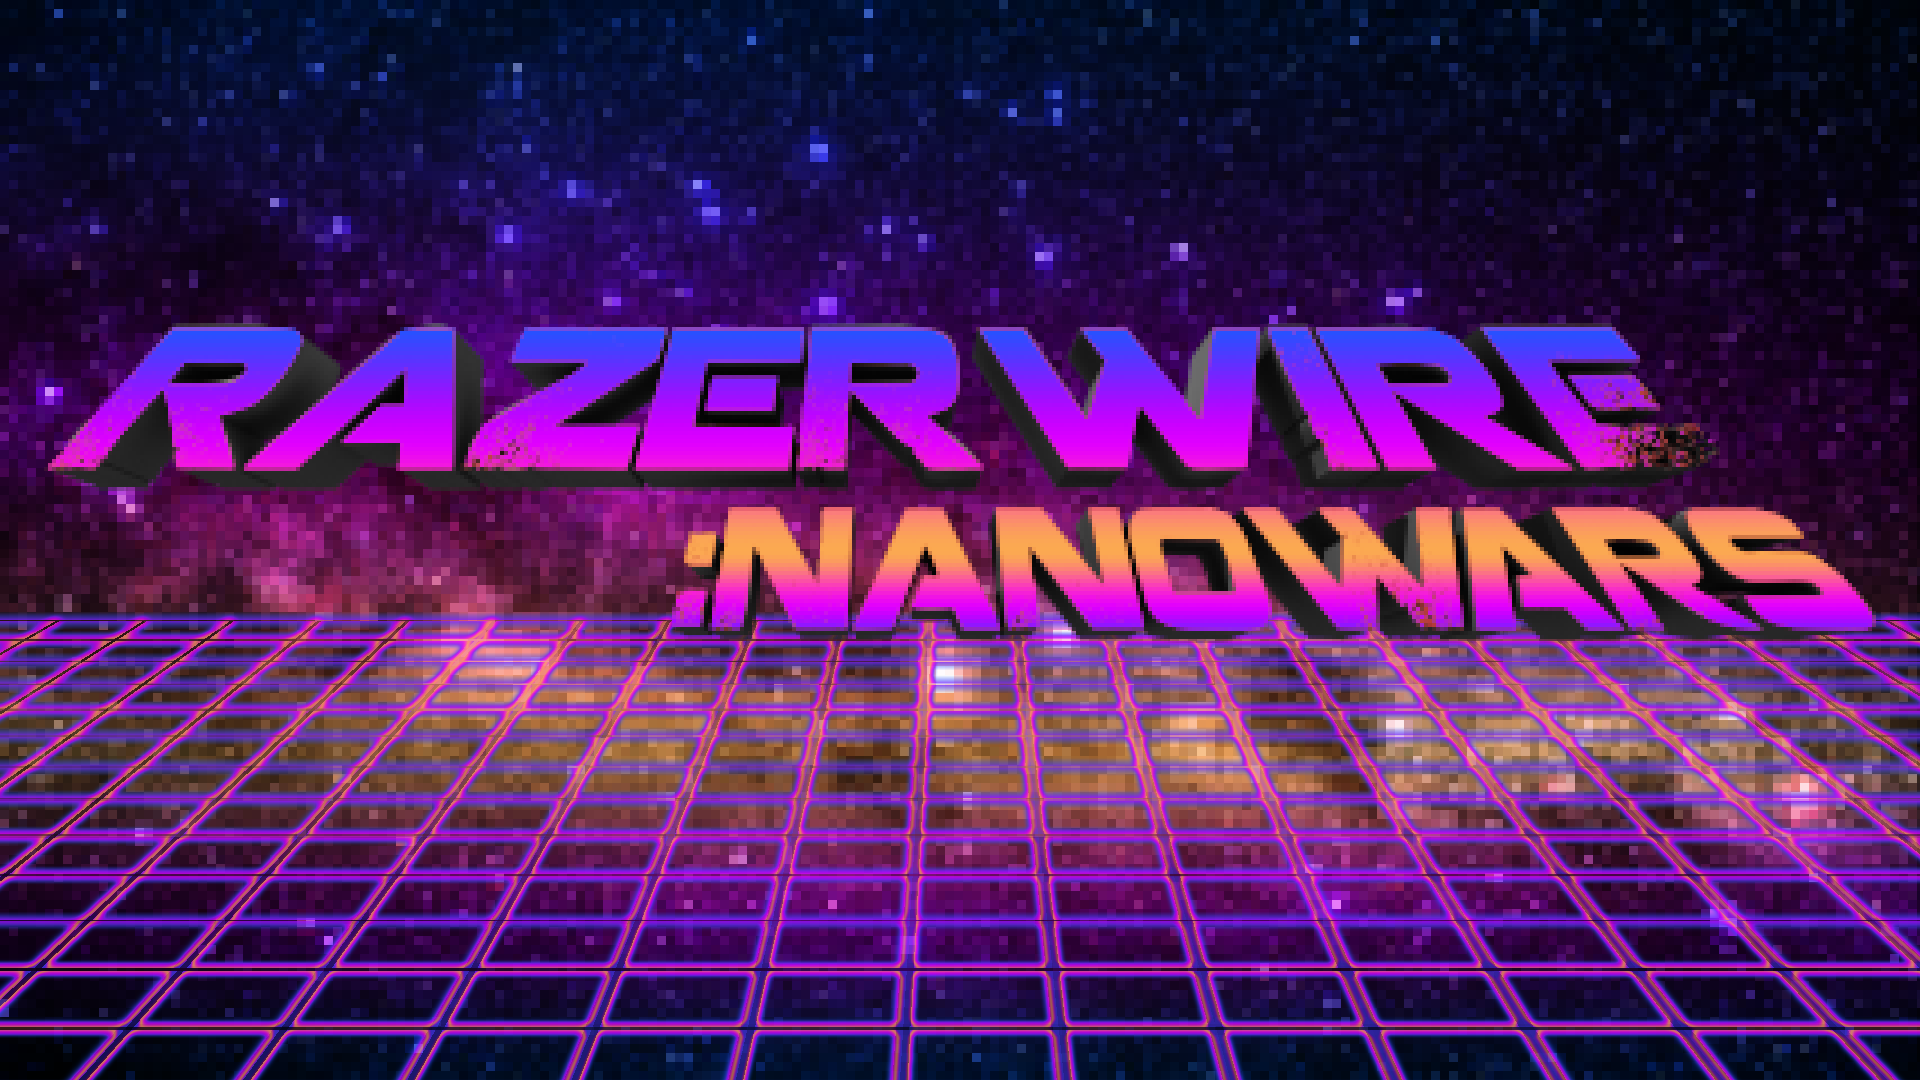 RazerWire - Nanowars